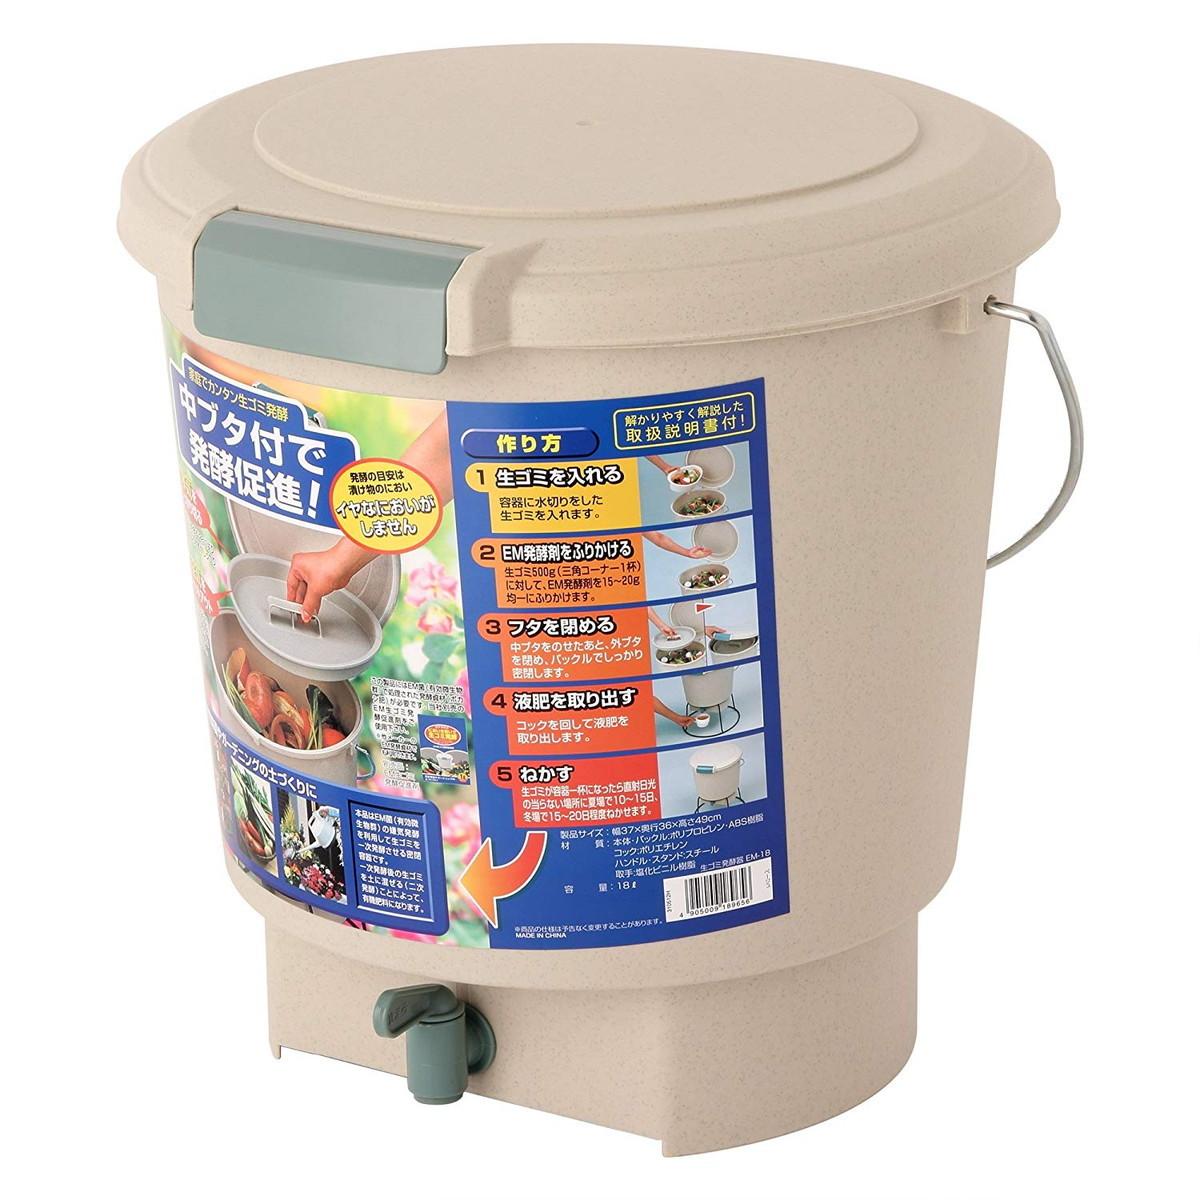 アイリスオーヤマ IRIS OHYAMA 生ゴミ発酵器 EM-18 エココンポスト 肥料 堆肥【クーポン配布中】